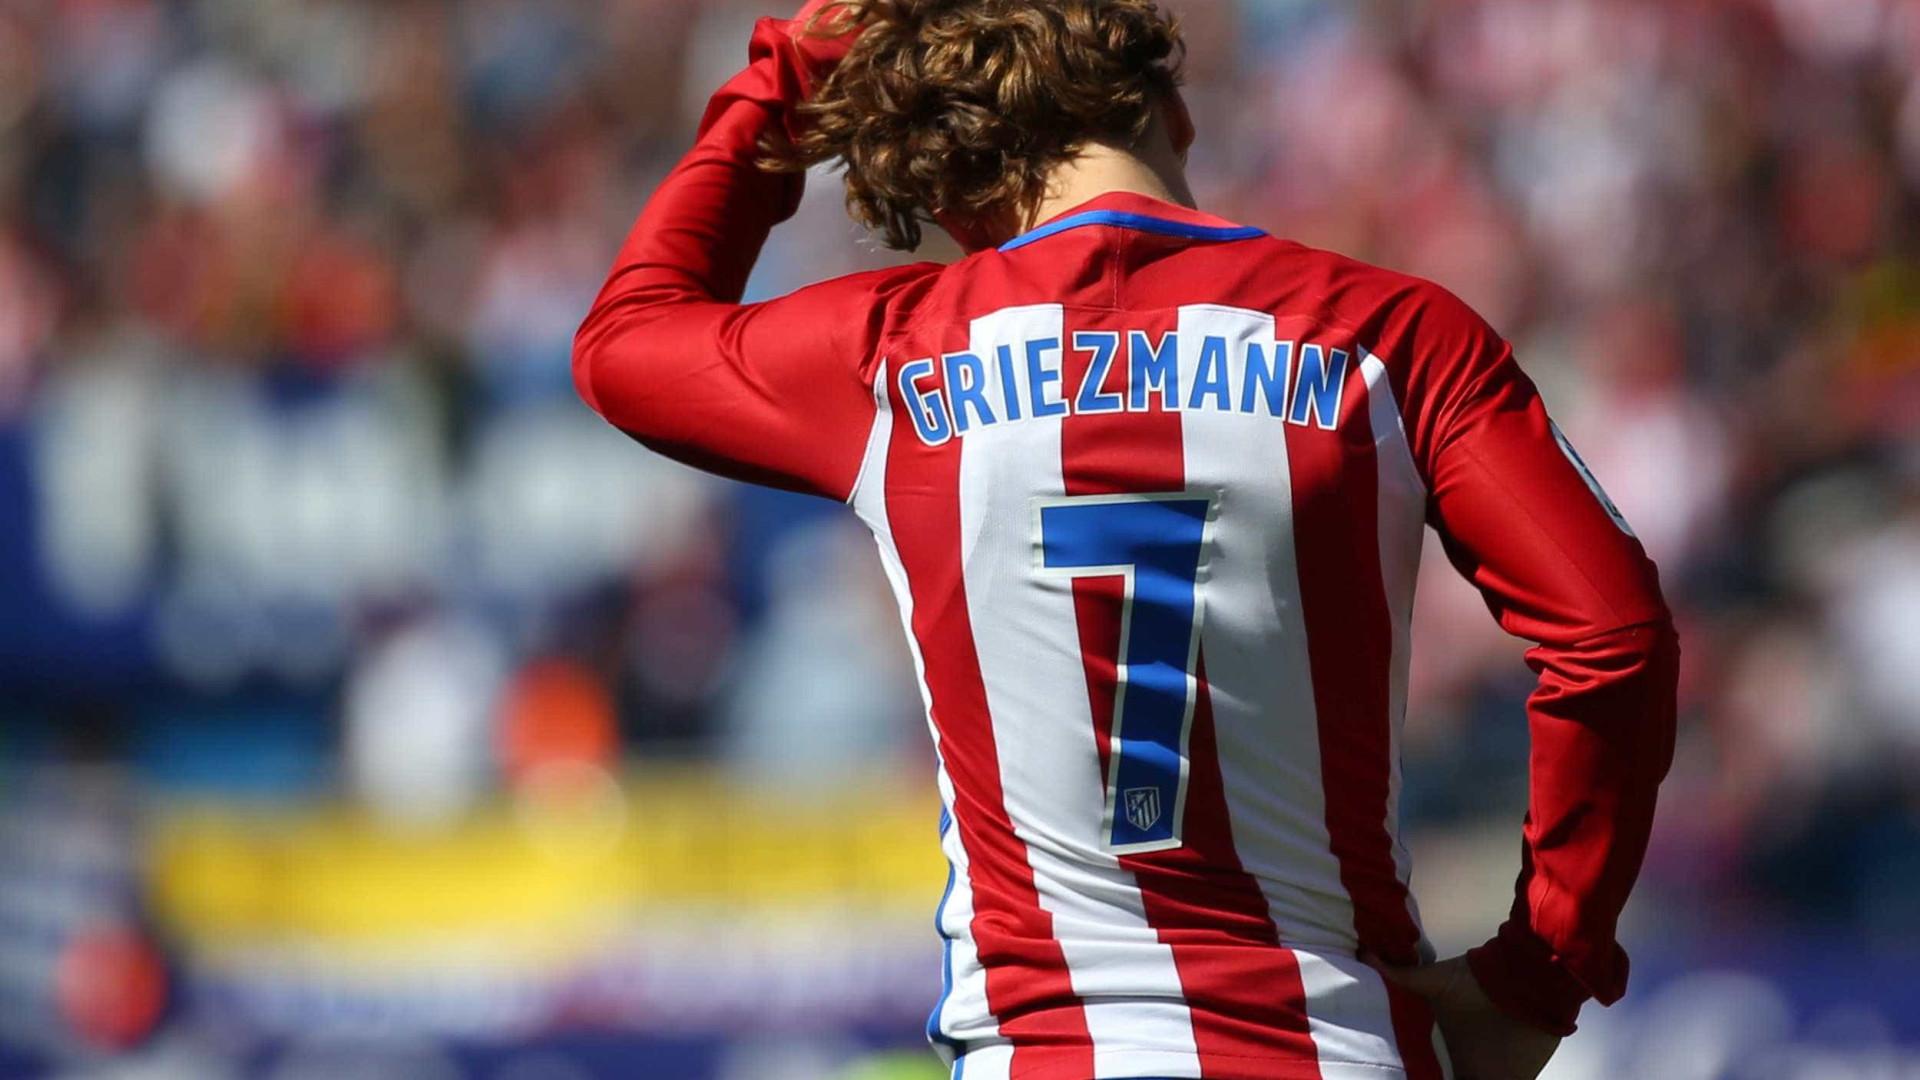 Griezmann desmente telefonema a Mourinho: